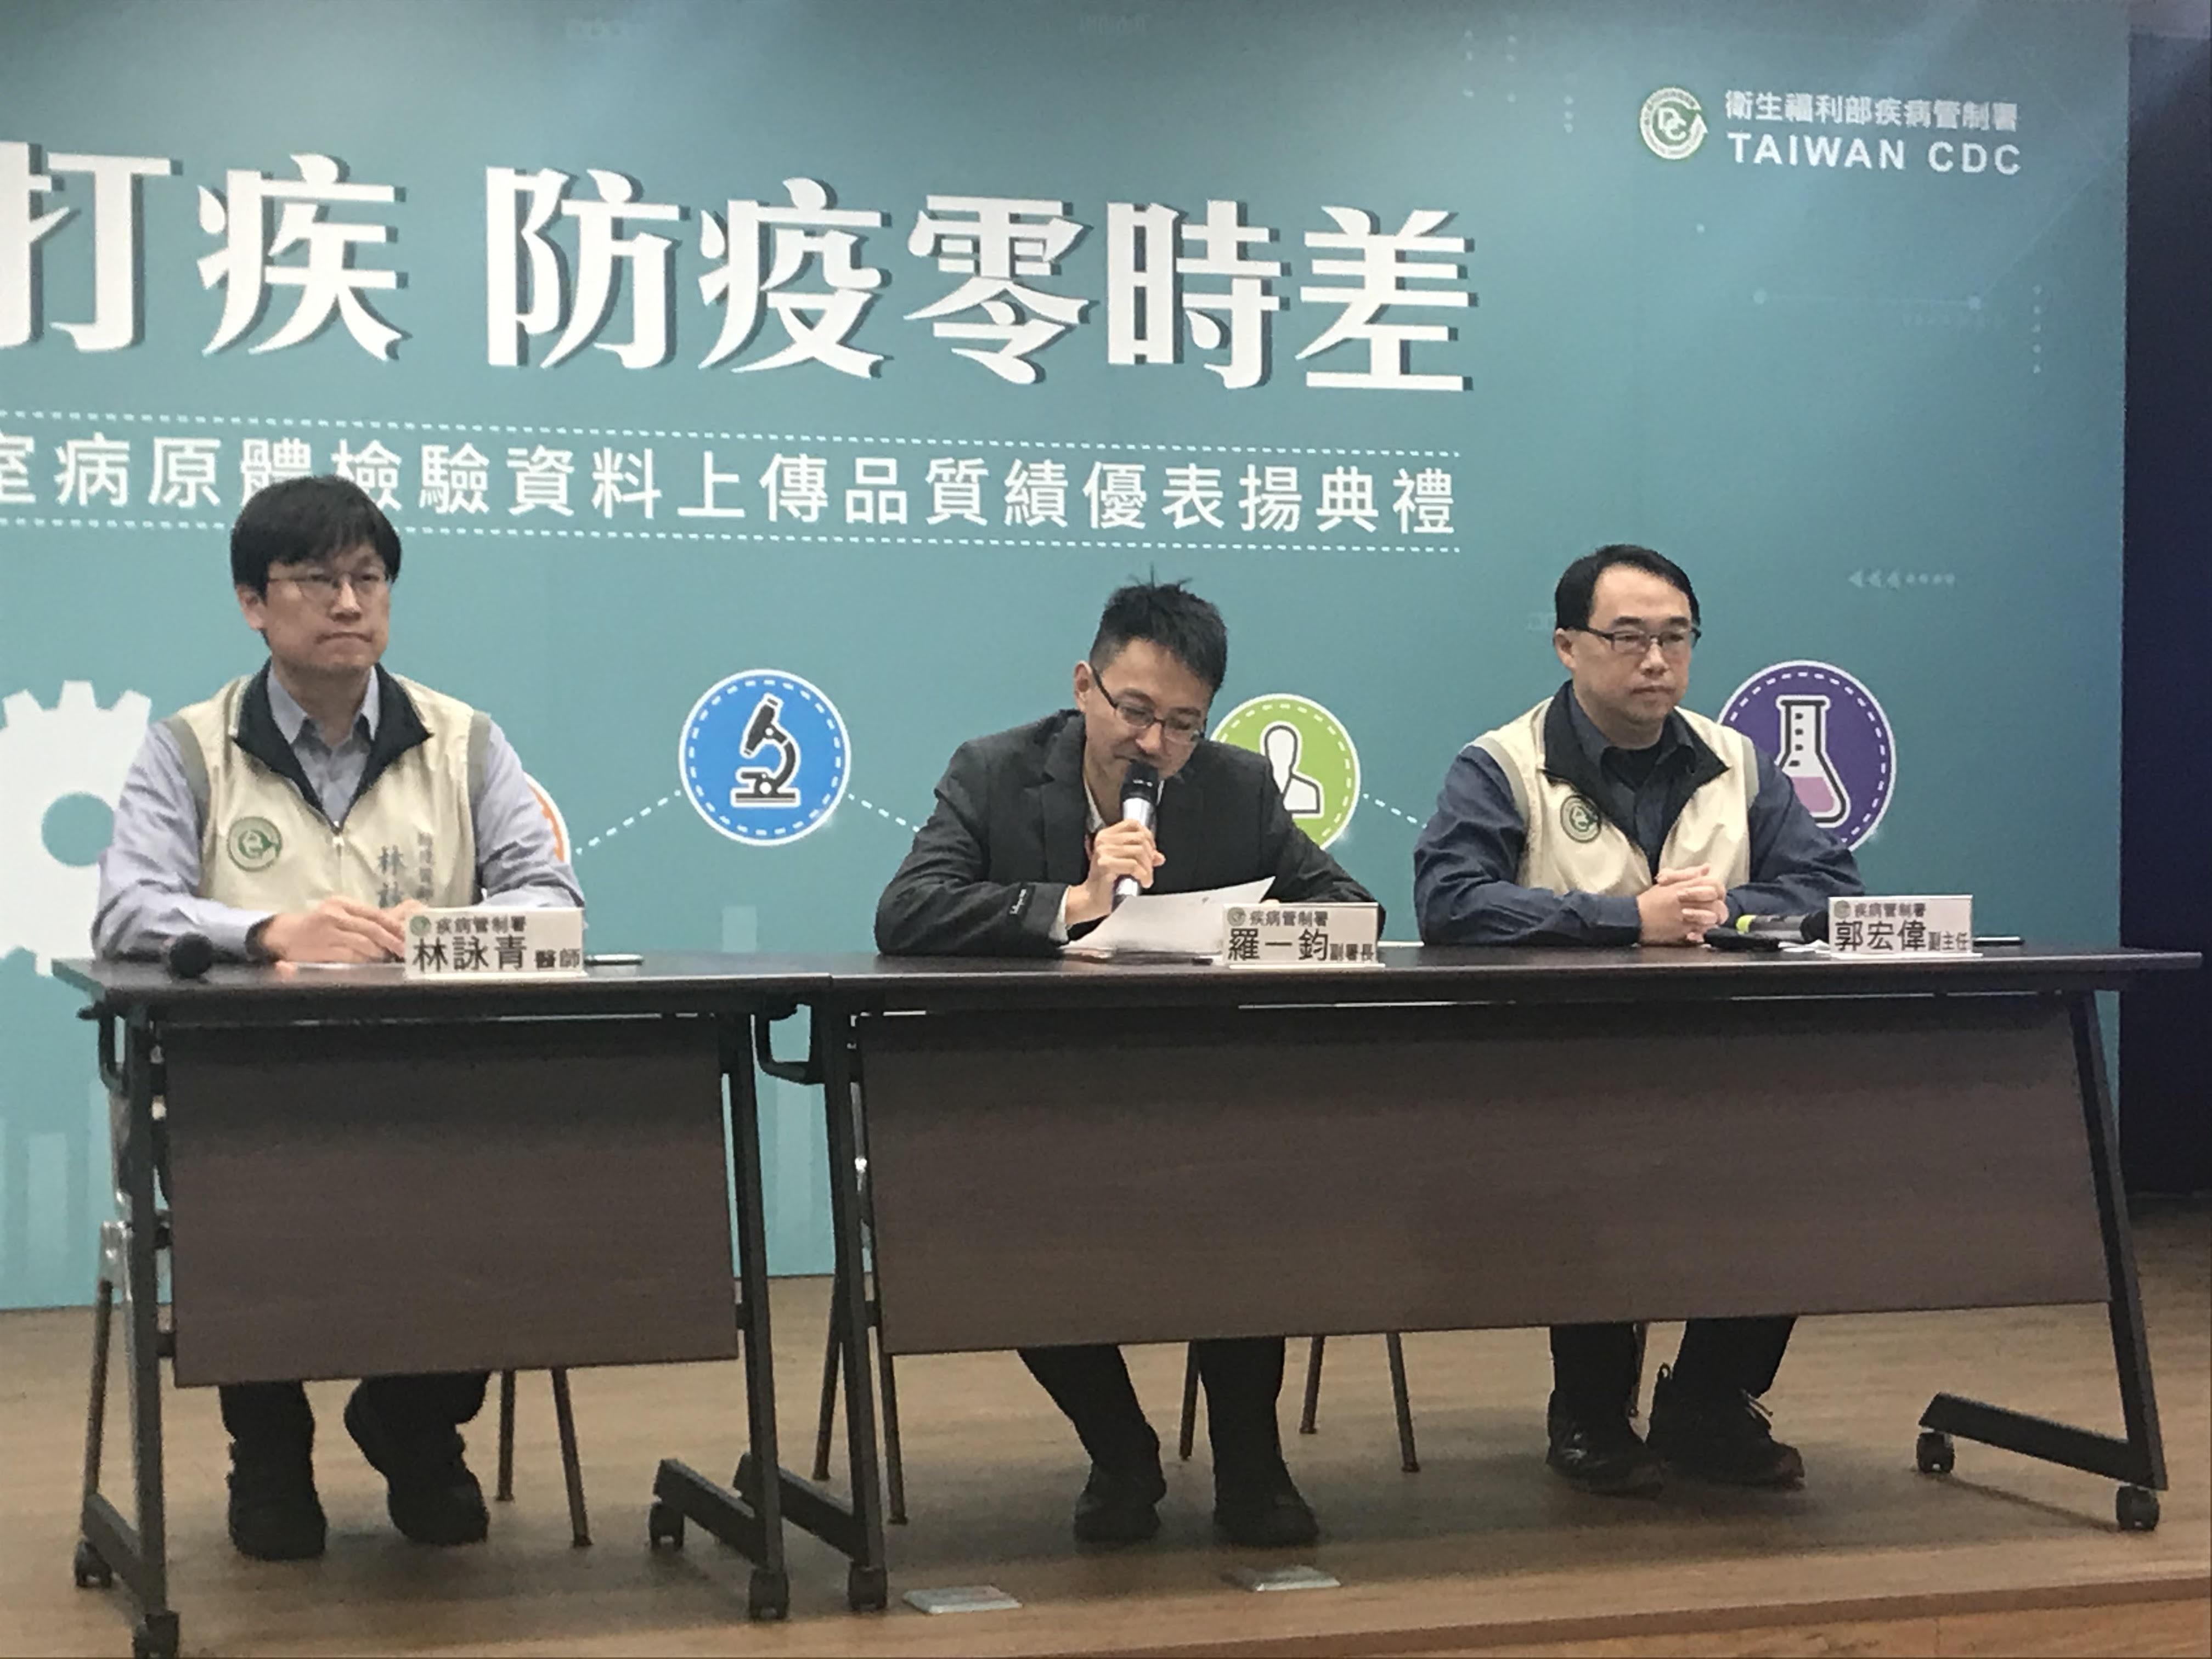 陳思敏:危害甚於武漢肺炎不明病毒的是甚麼